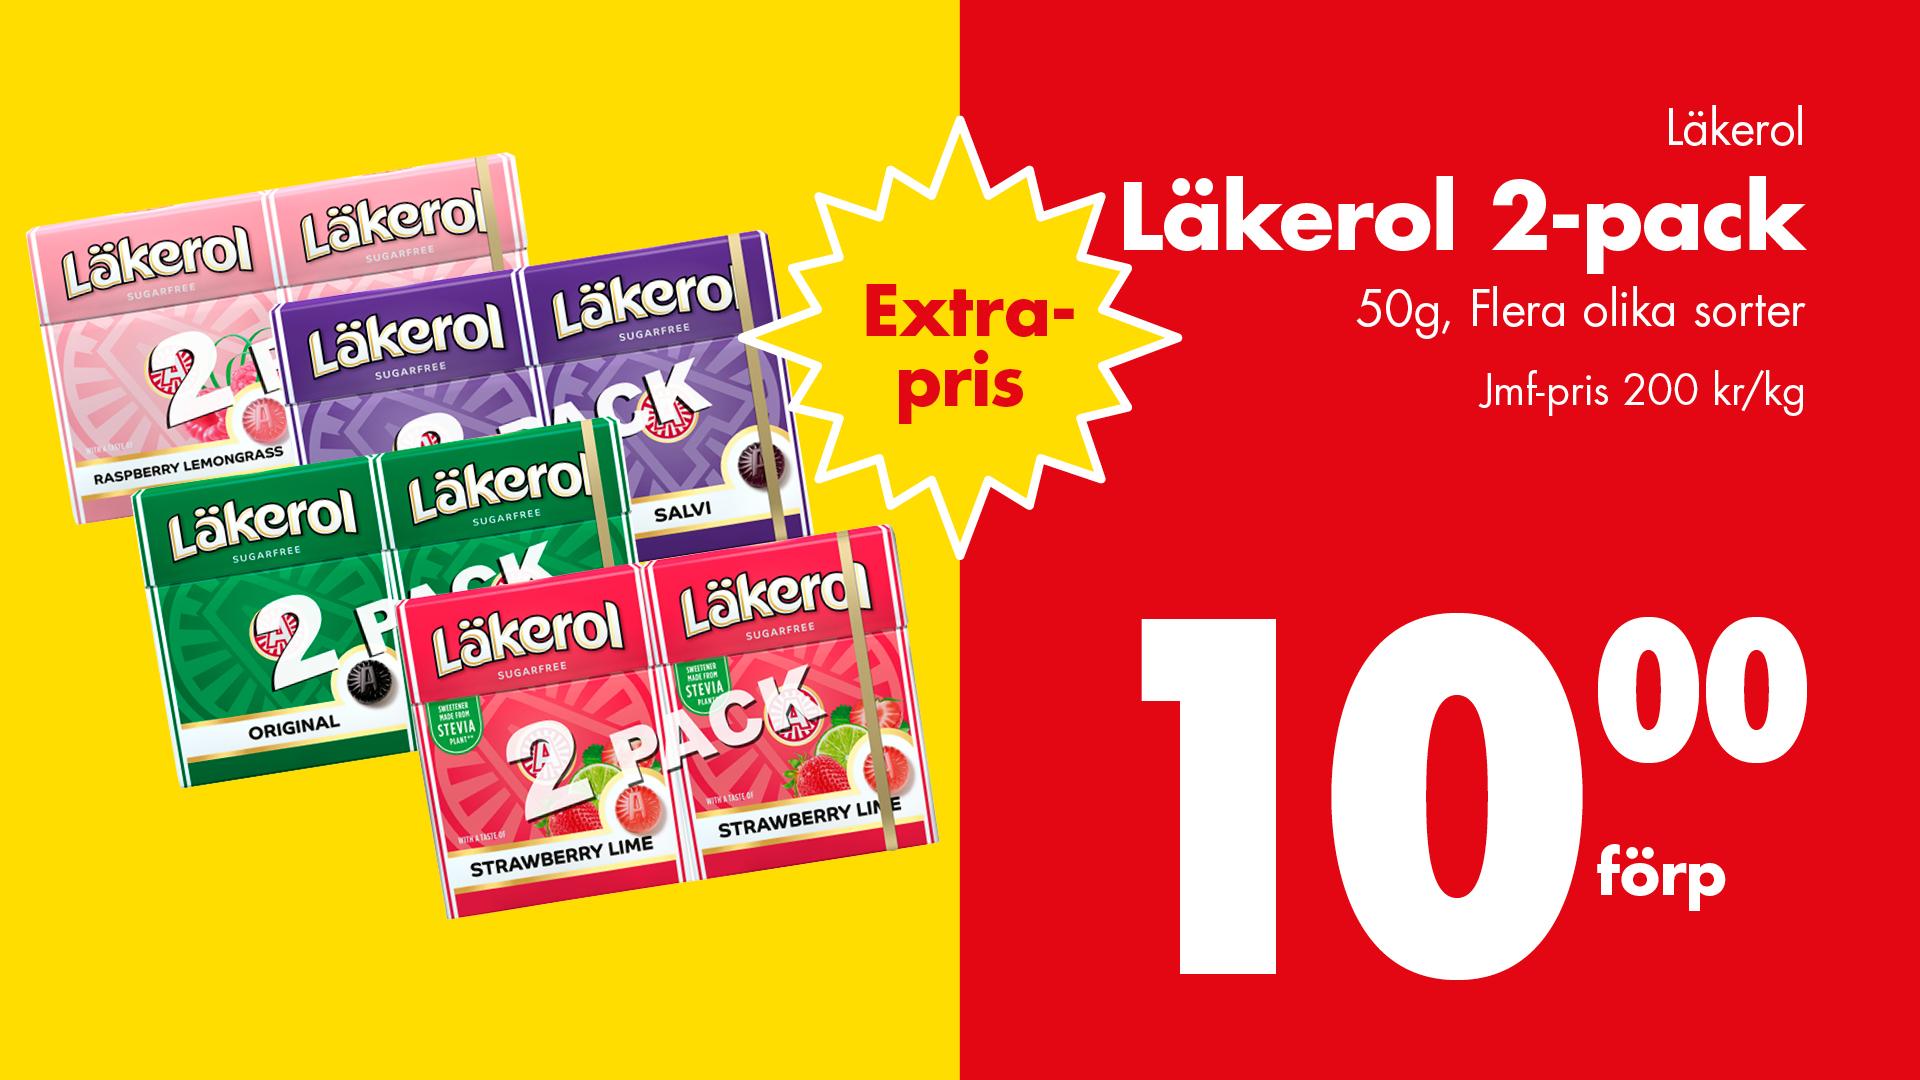 v02-03_1980x1080px_Lakerol2pack